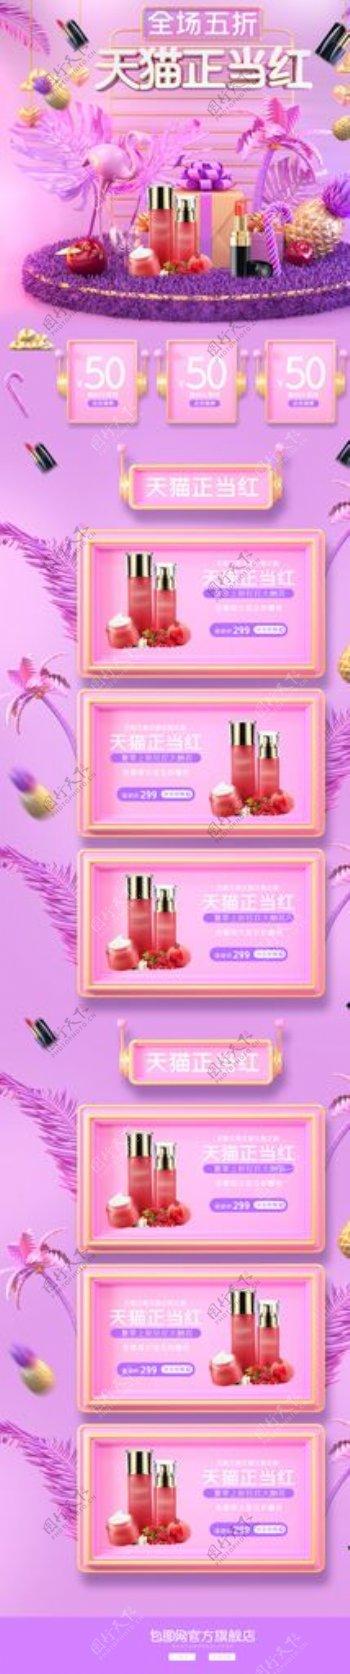 粉色活动促销首页设计图片